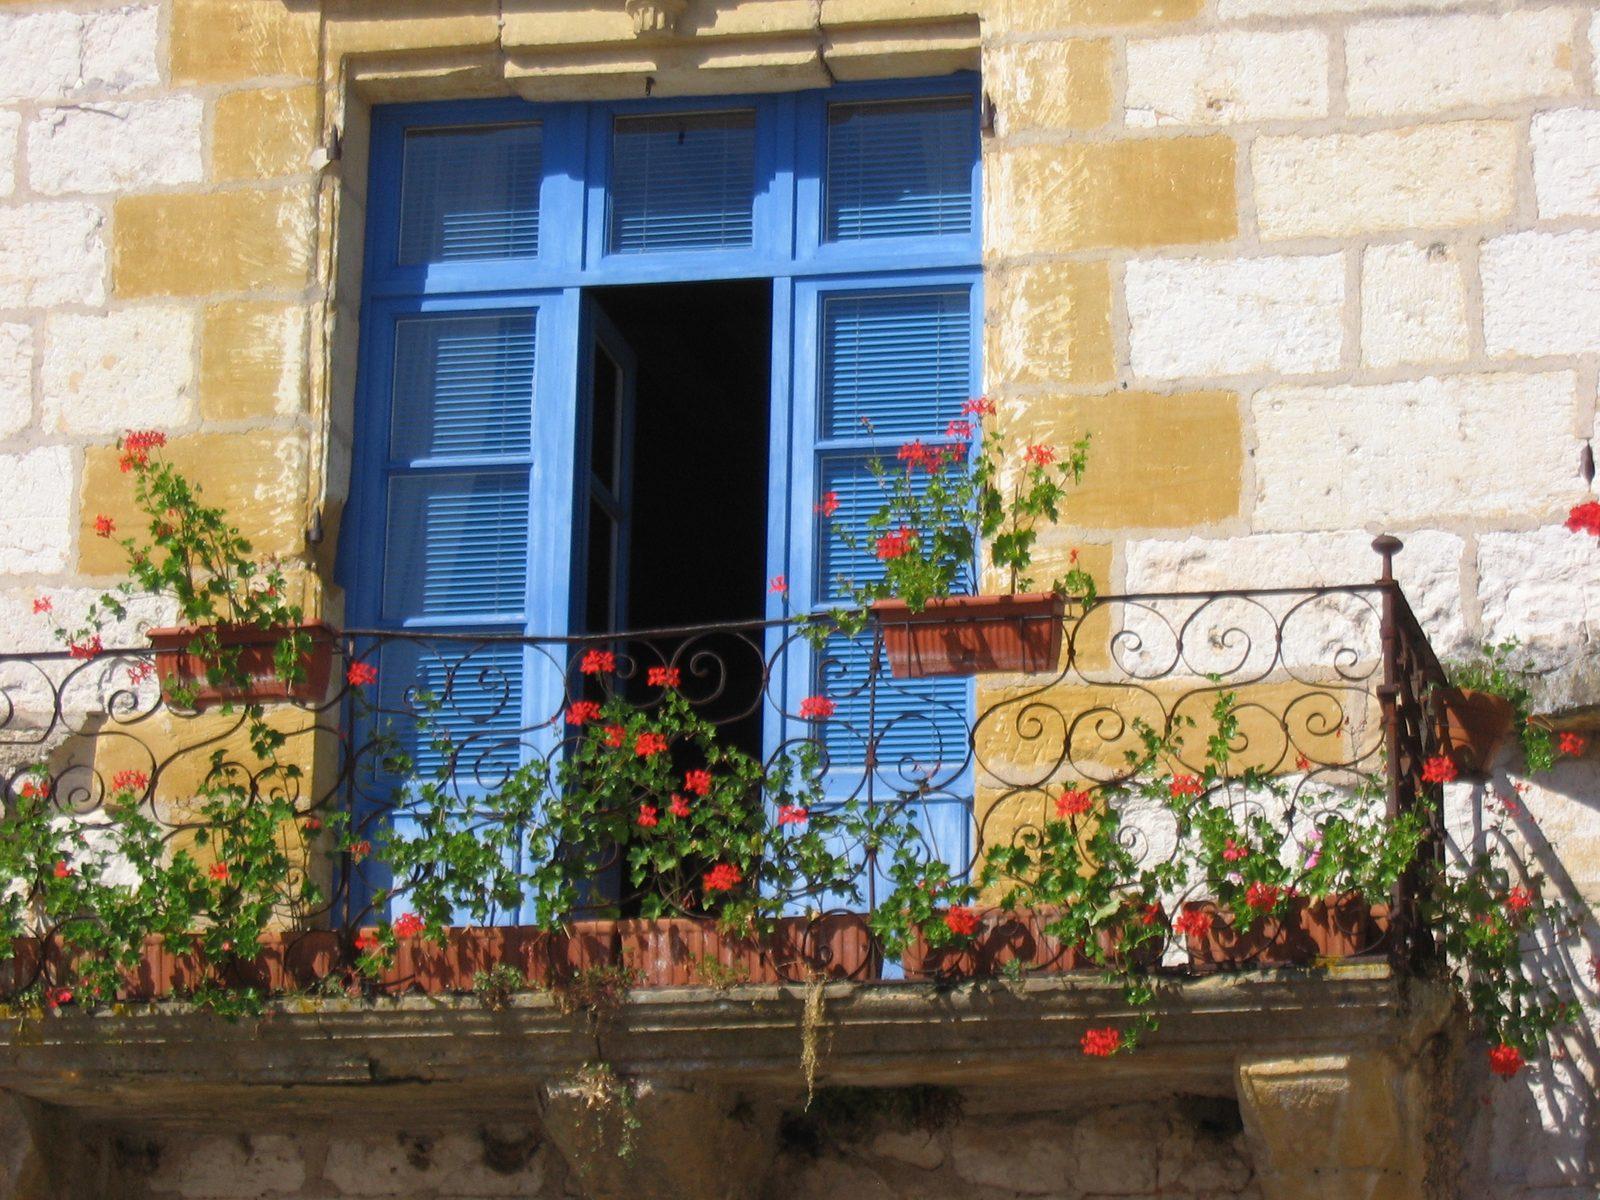 Frankrijk, vakantie, vakantievilla, natuur, vakantiehuis